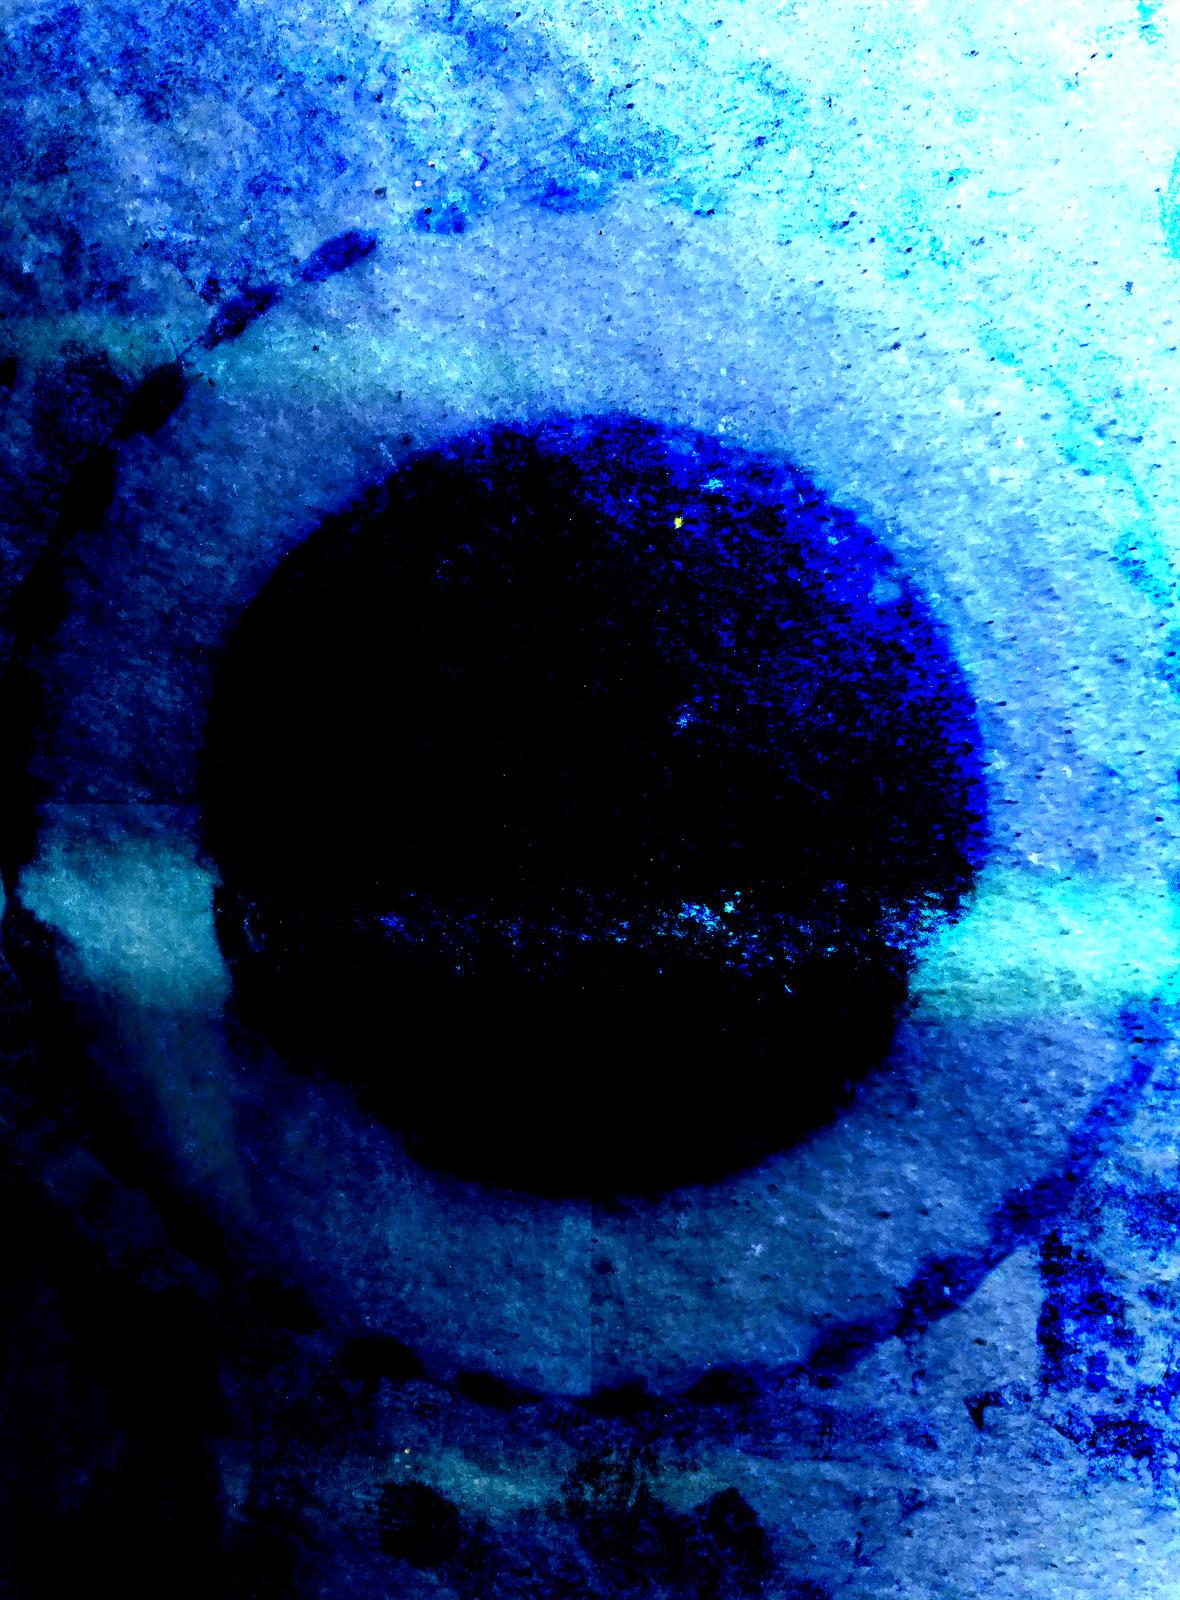 Elemental Frost N04 - Gate • 90 x 122 cm (35.43 x 48.03 in)